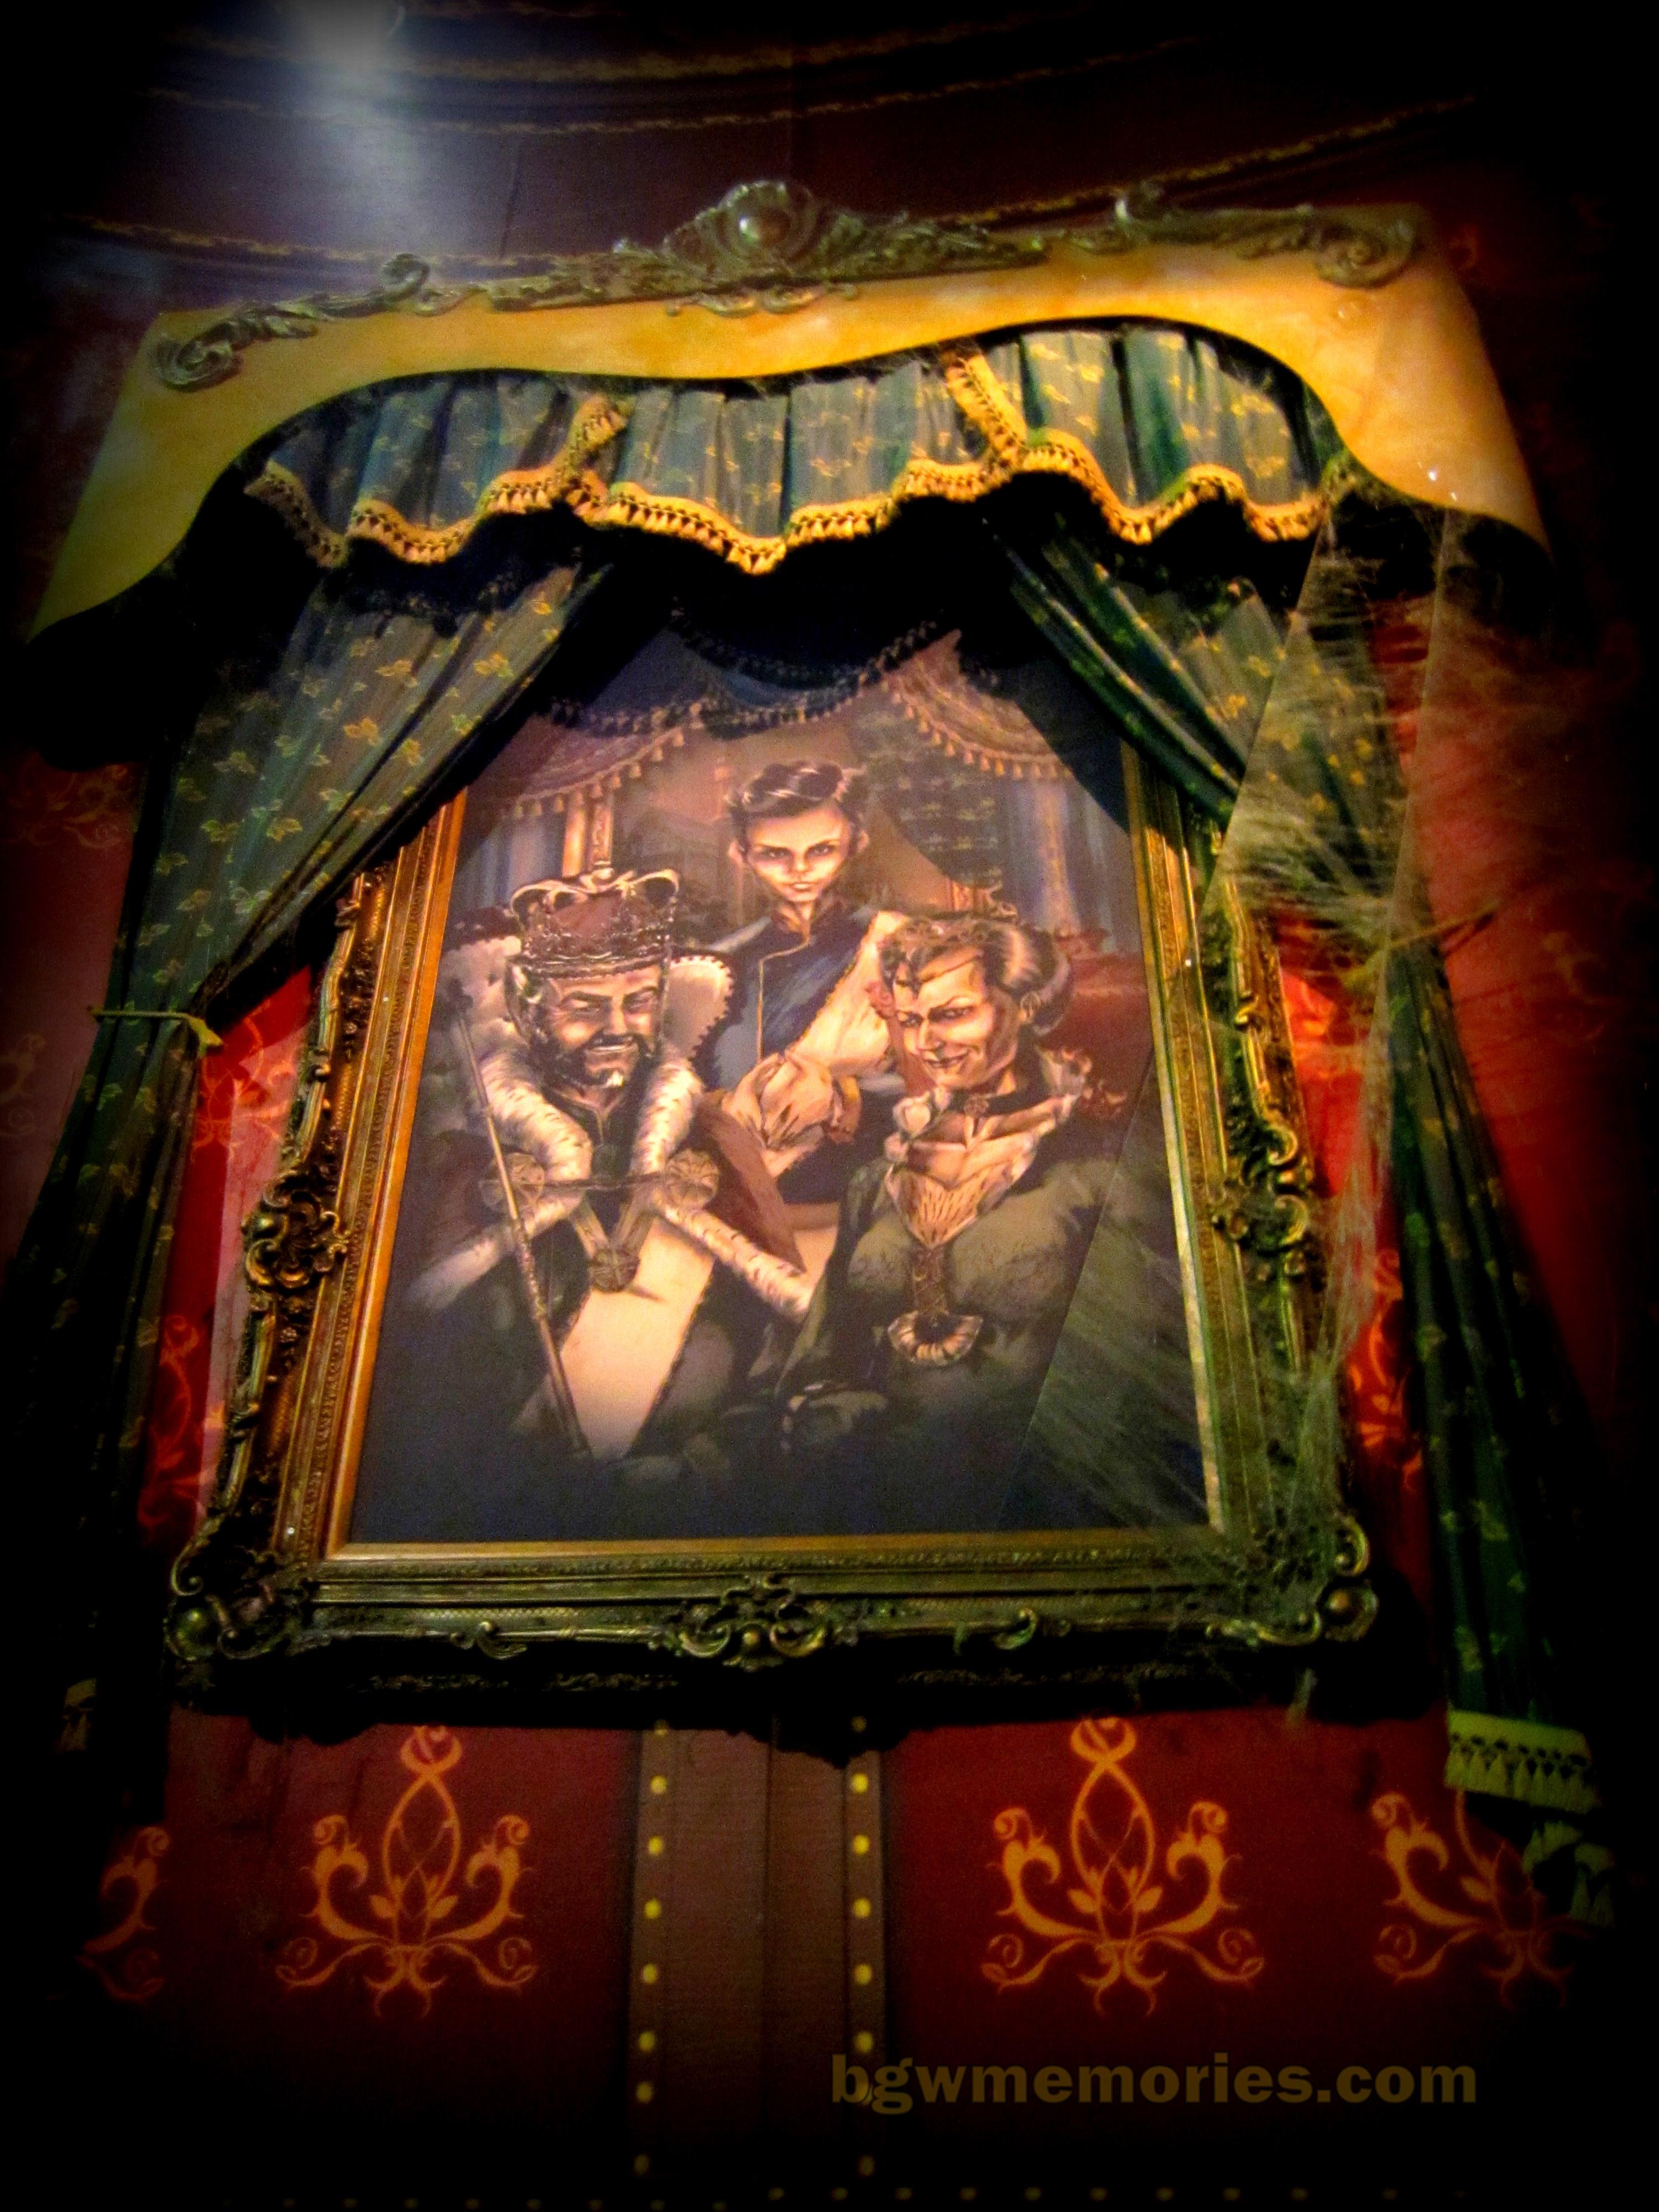 Busch Gardens Tour « BGW Memories